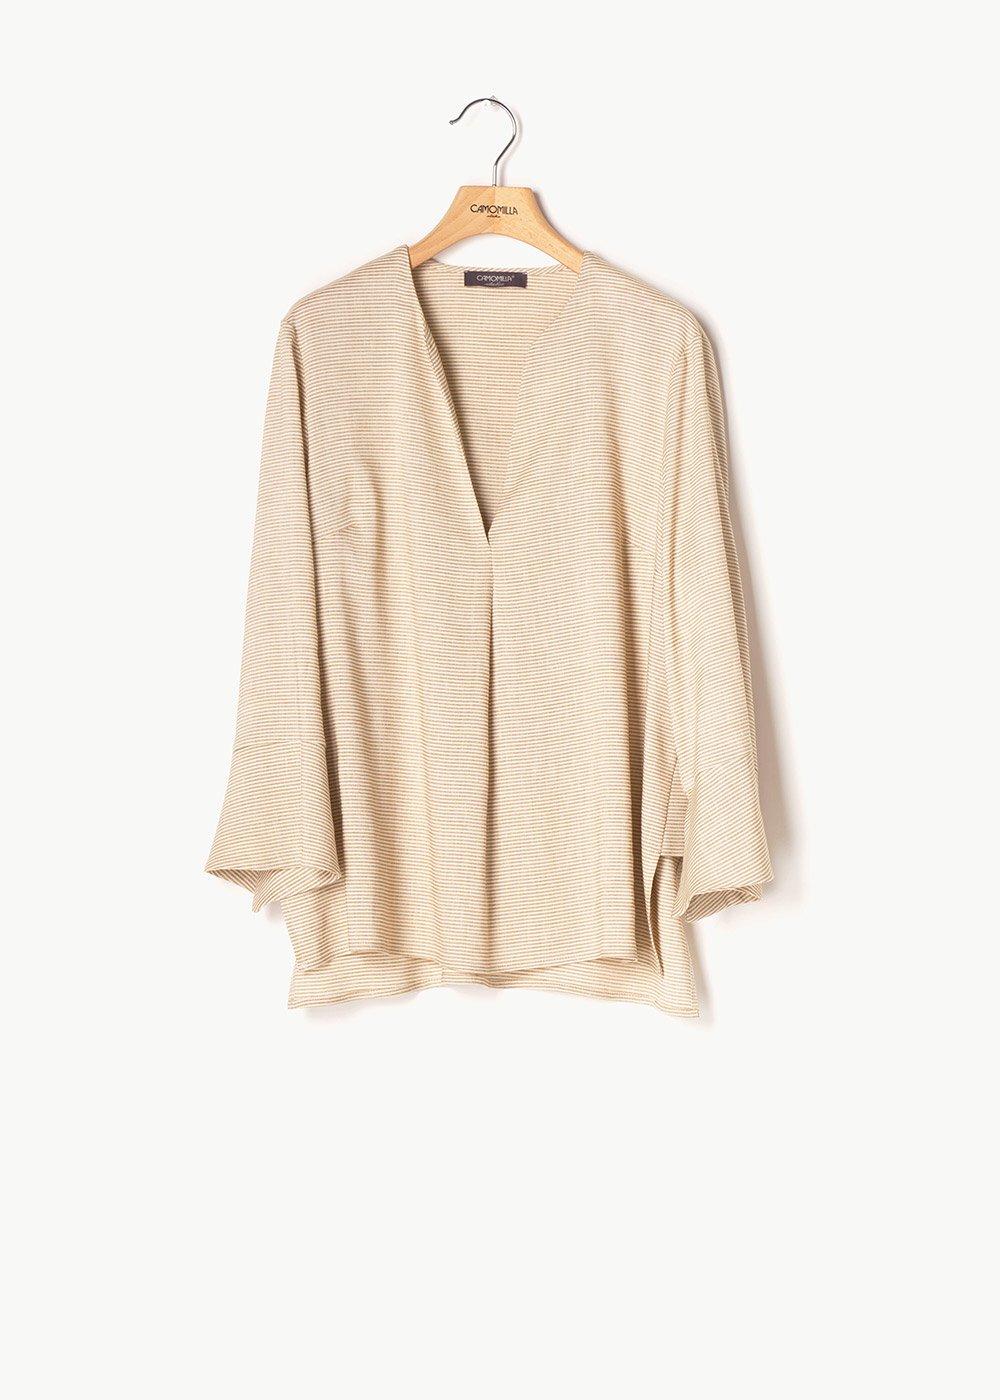 T-shirt Selia scollo a V - L.beige \ Whte Stripes - Donna